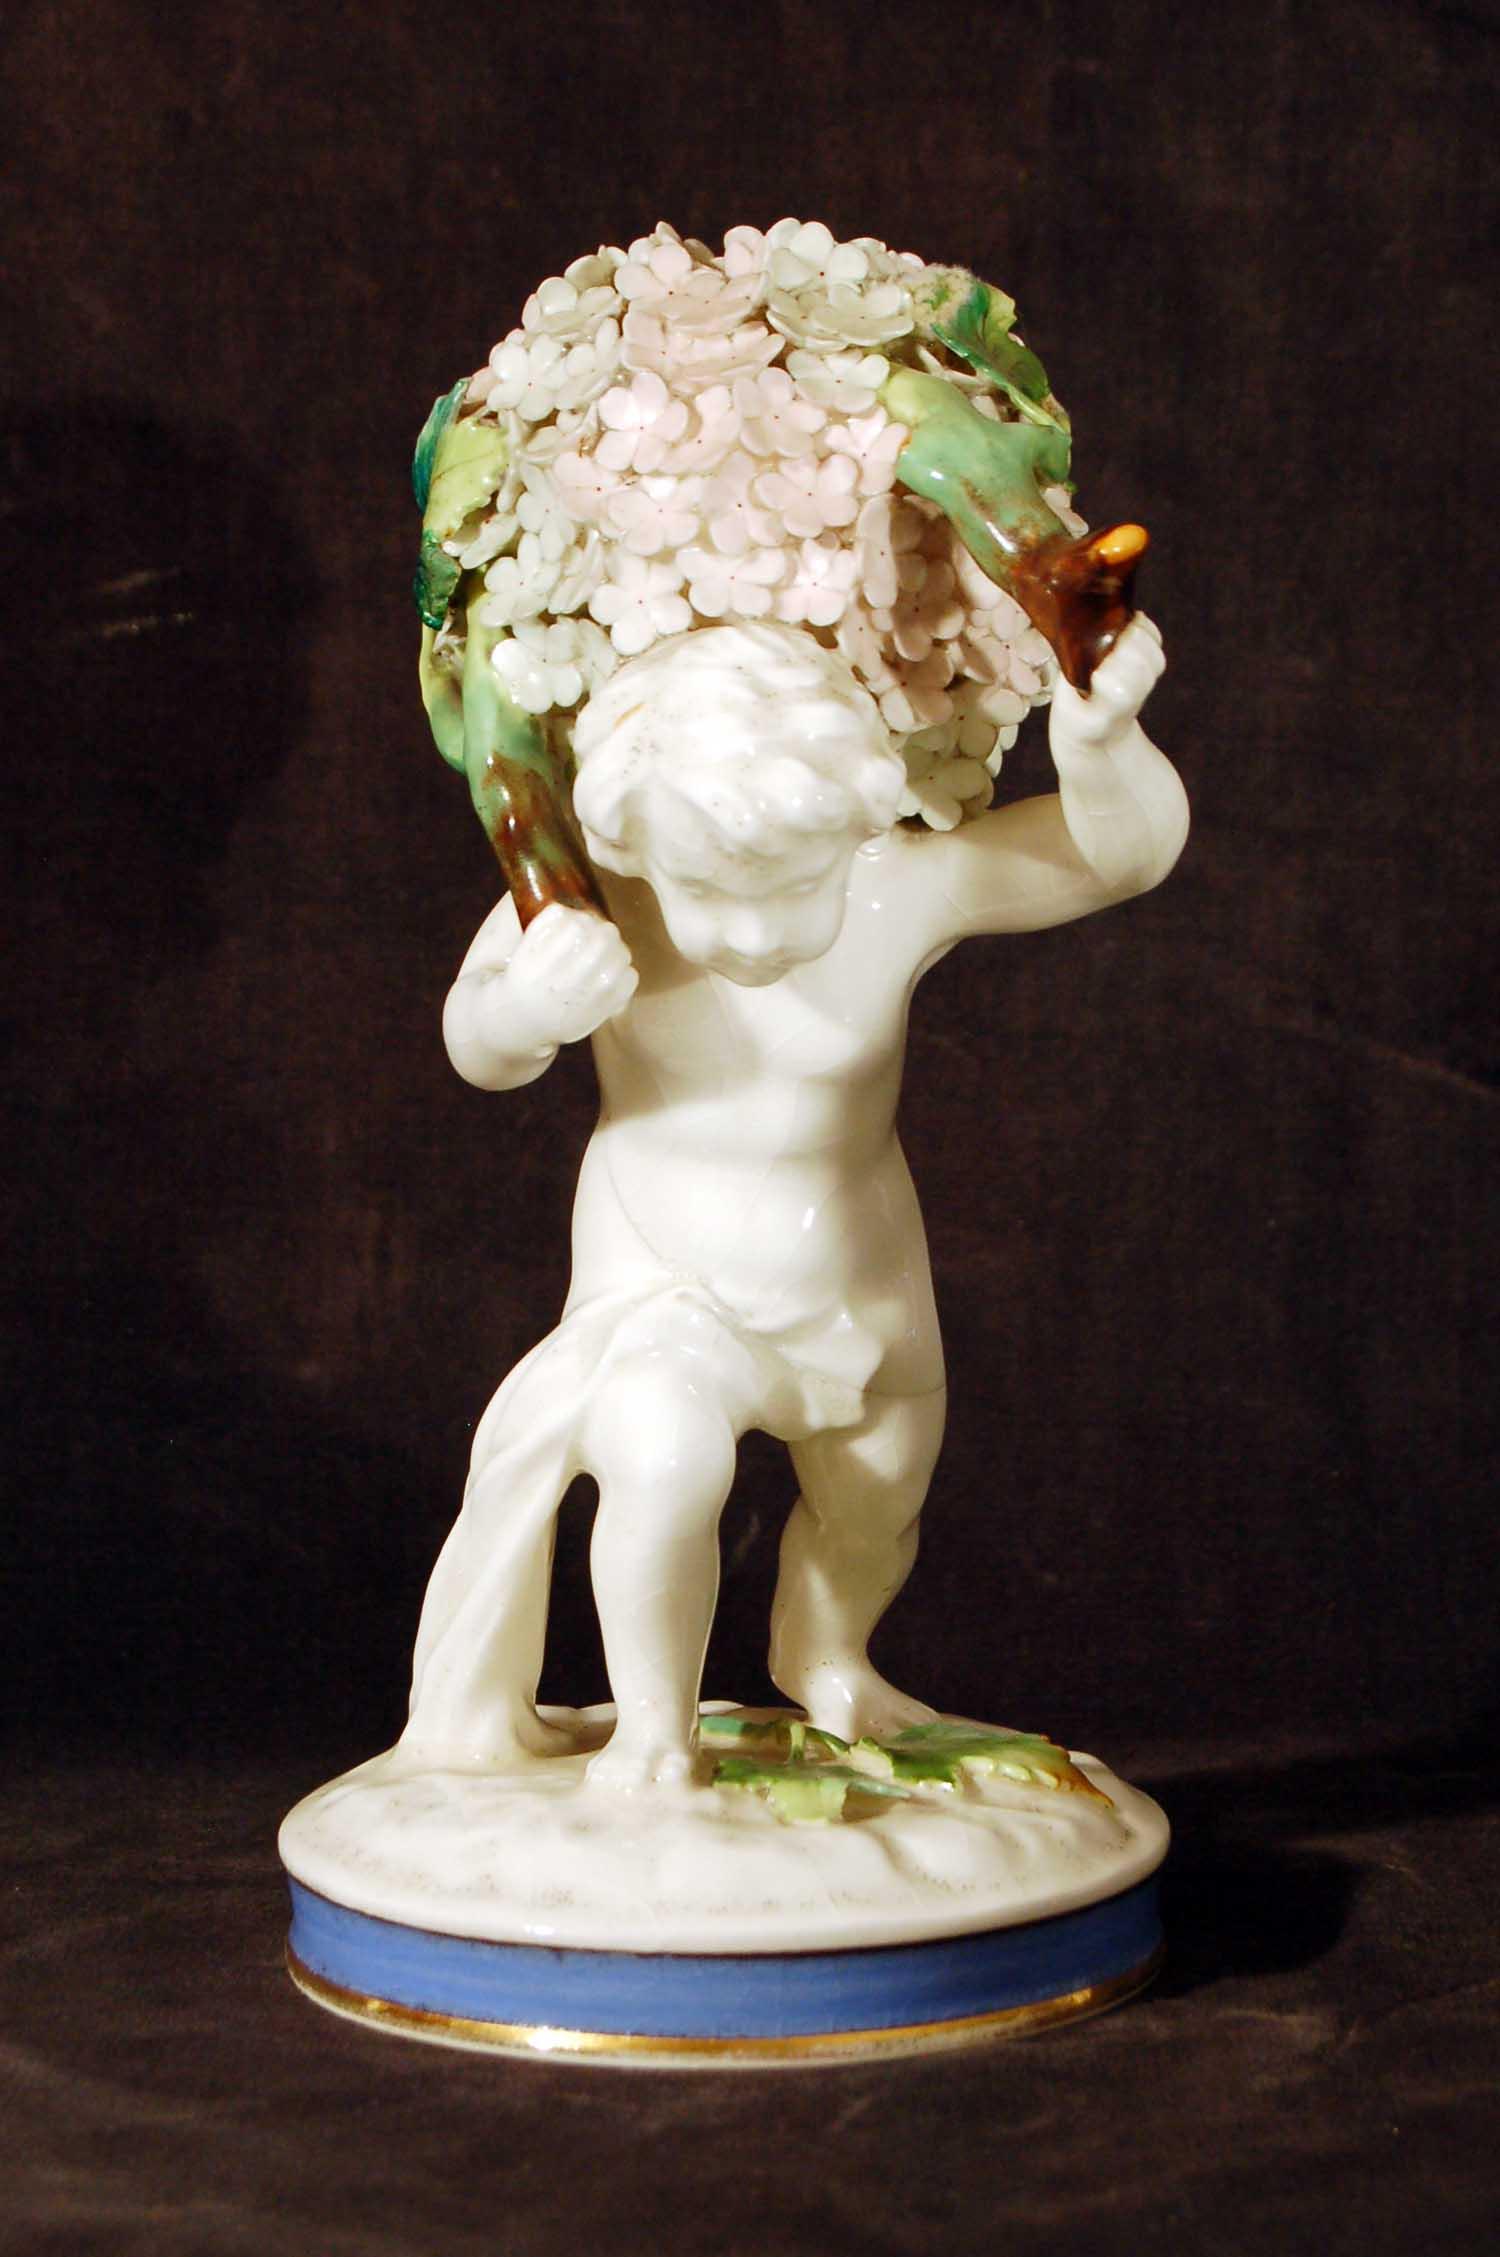 """Porzellanfigur """"Blumenträger"""", glasiert, ohne Marke, wohl Österreich um 1910, Höhe 20cm"""